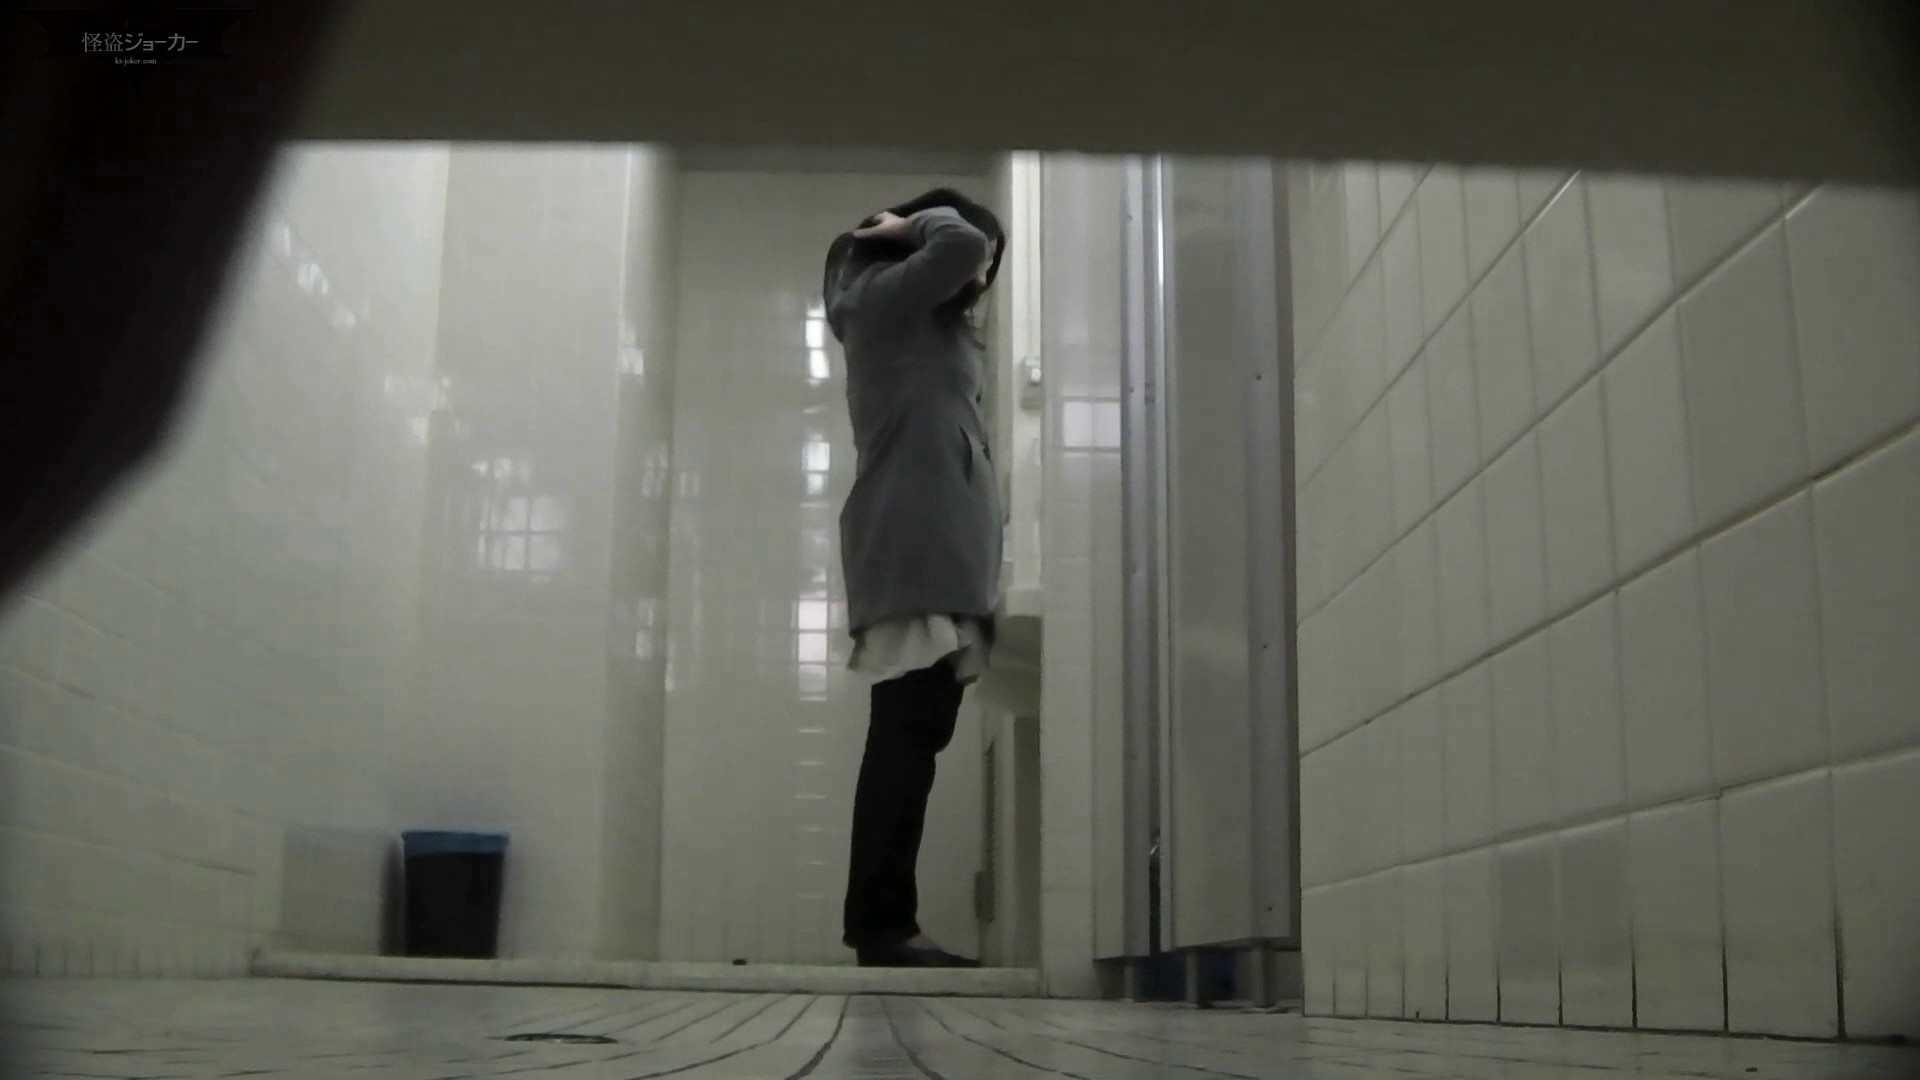 ヤリマンのオマンコ:「洗面所突入レポート!!」vol.56まず並ぶ所から!決して真似しないでください:怪盗ジョーカー